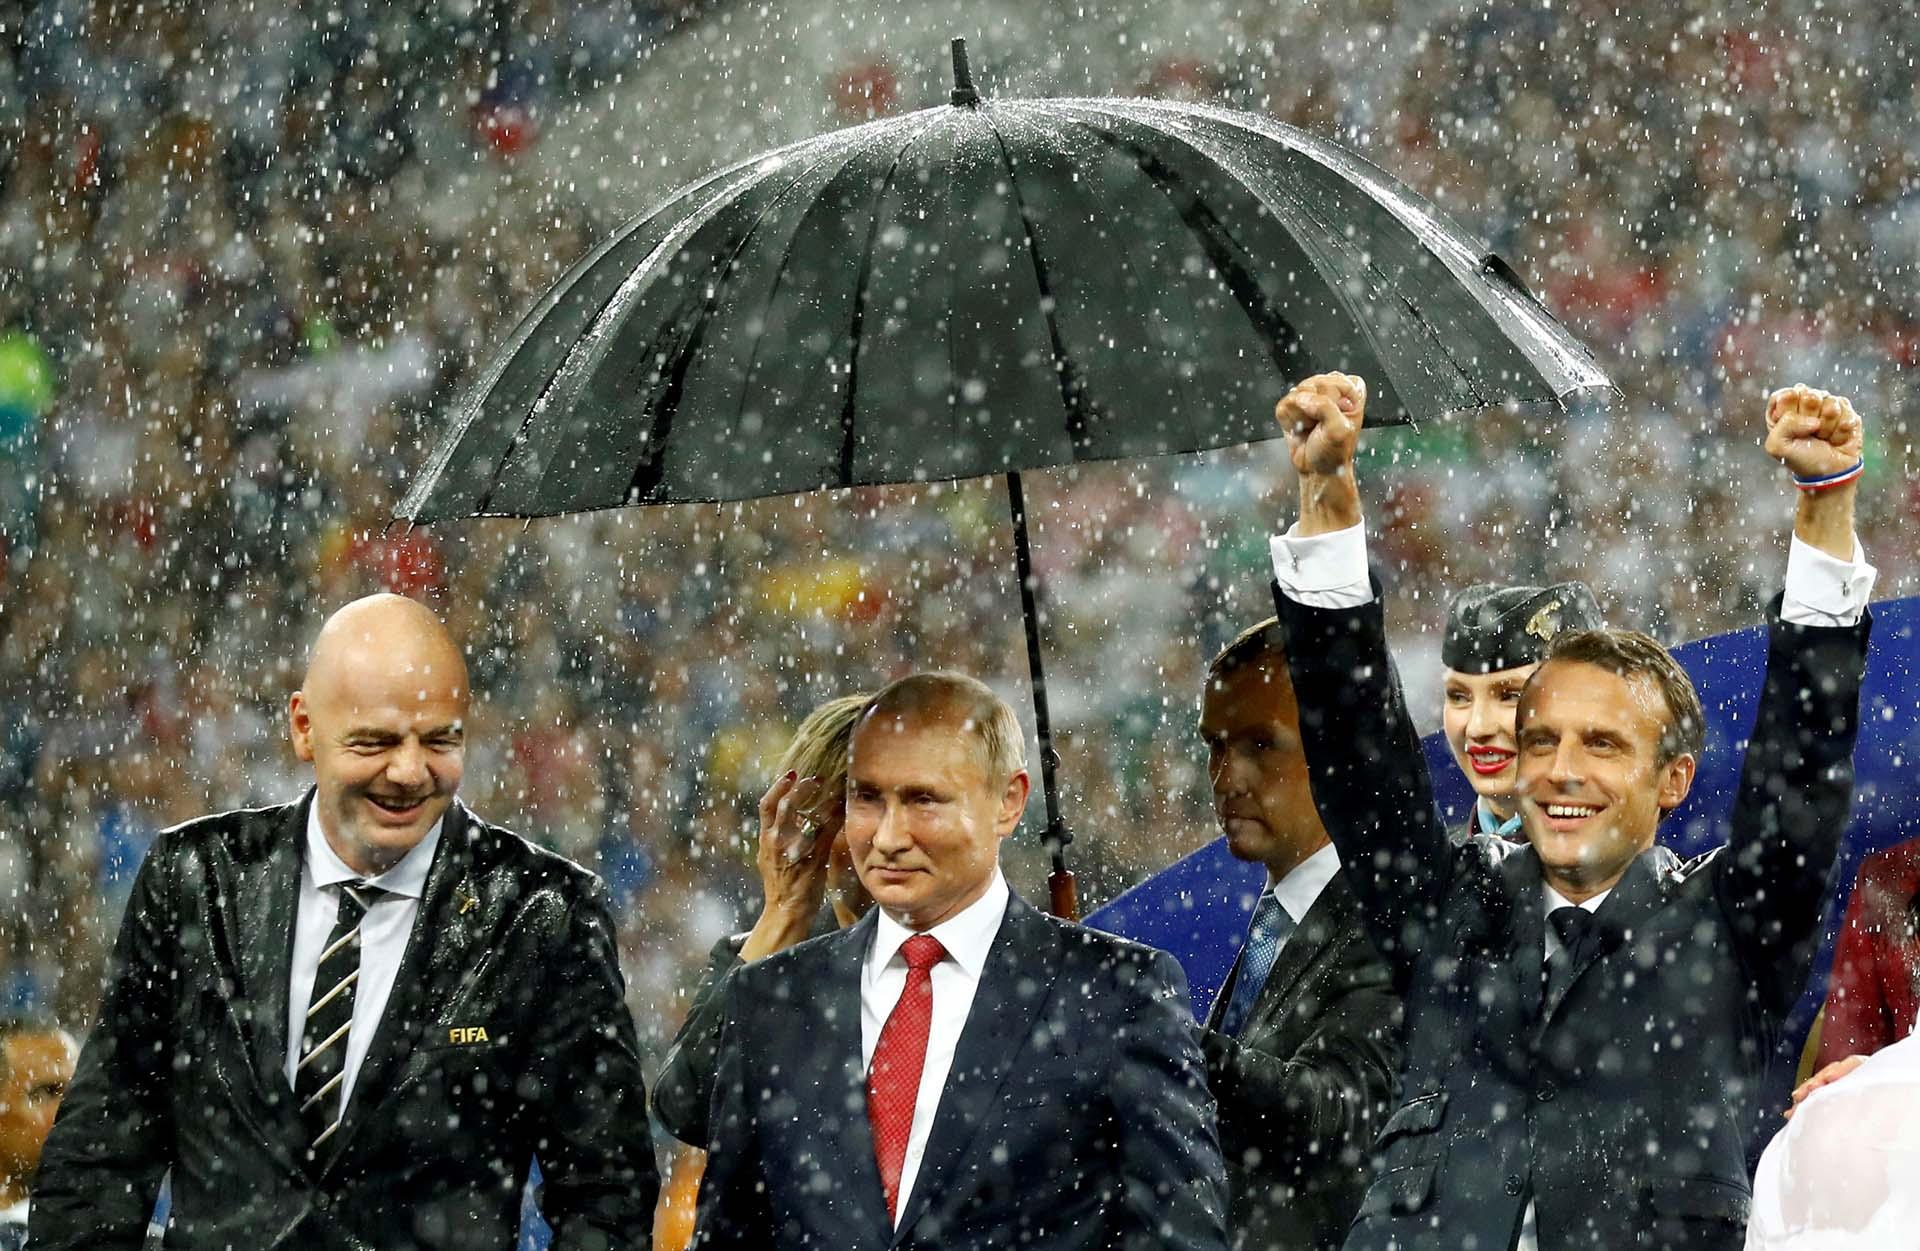 El presidente de la FIFA, Gianni Infantino, el de Rusia, Vladimir Putin, y el de Francia, Emmanuel Macron, durante la ceremonia de premiación del Mundial de fútbol ganado por la selección francesa en Moscú el 15 de julio